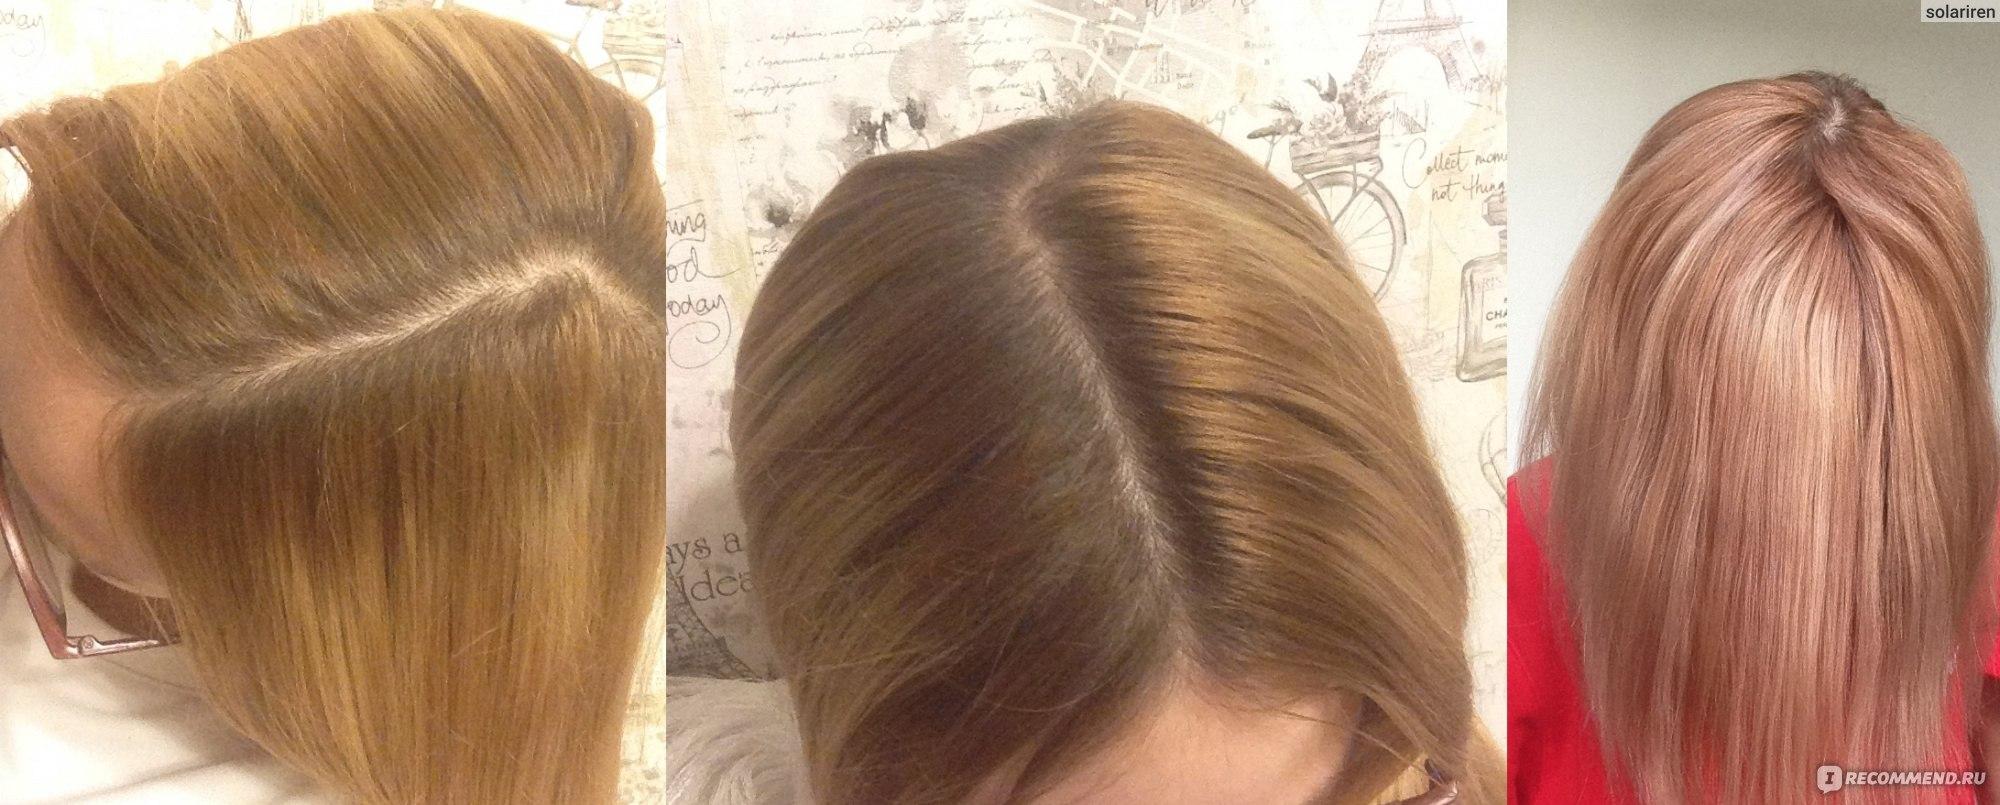 Эстель для седых волос палитра цветов на волосах отзывы 88